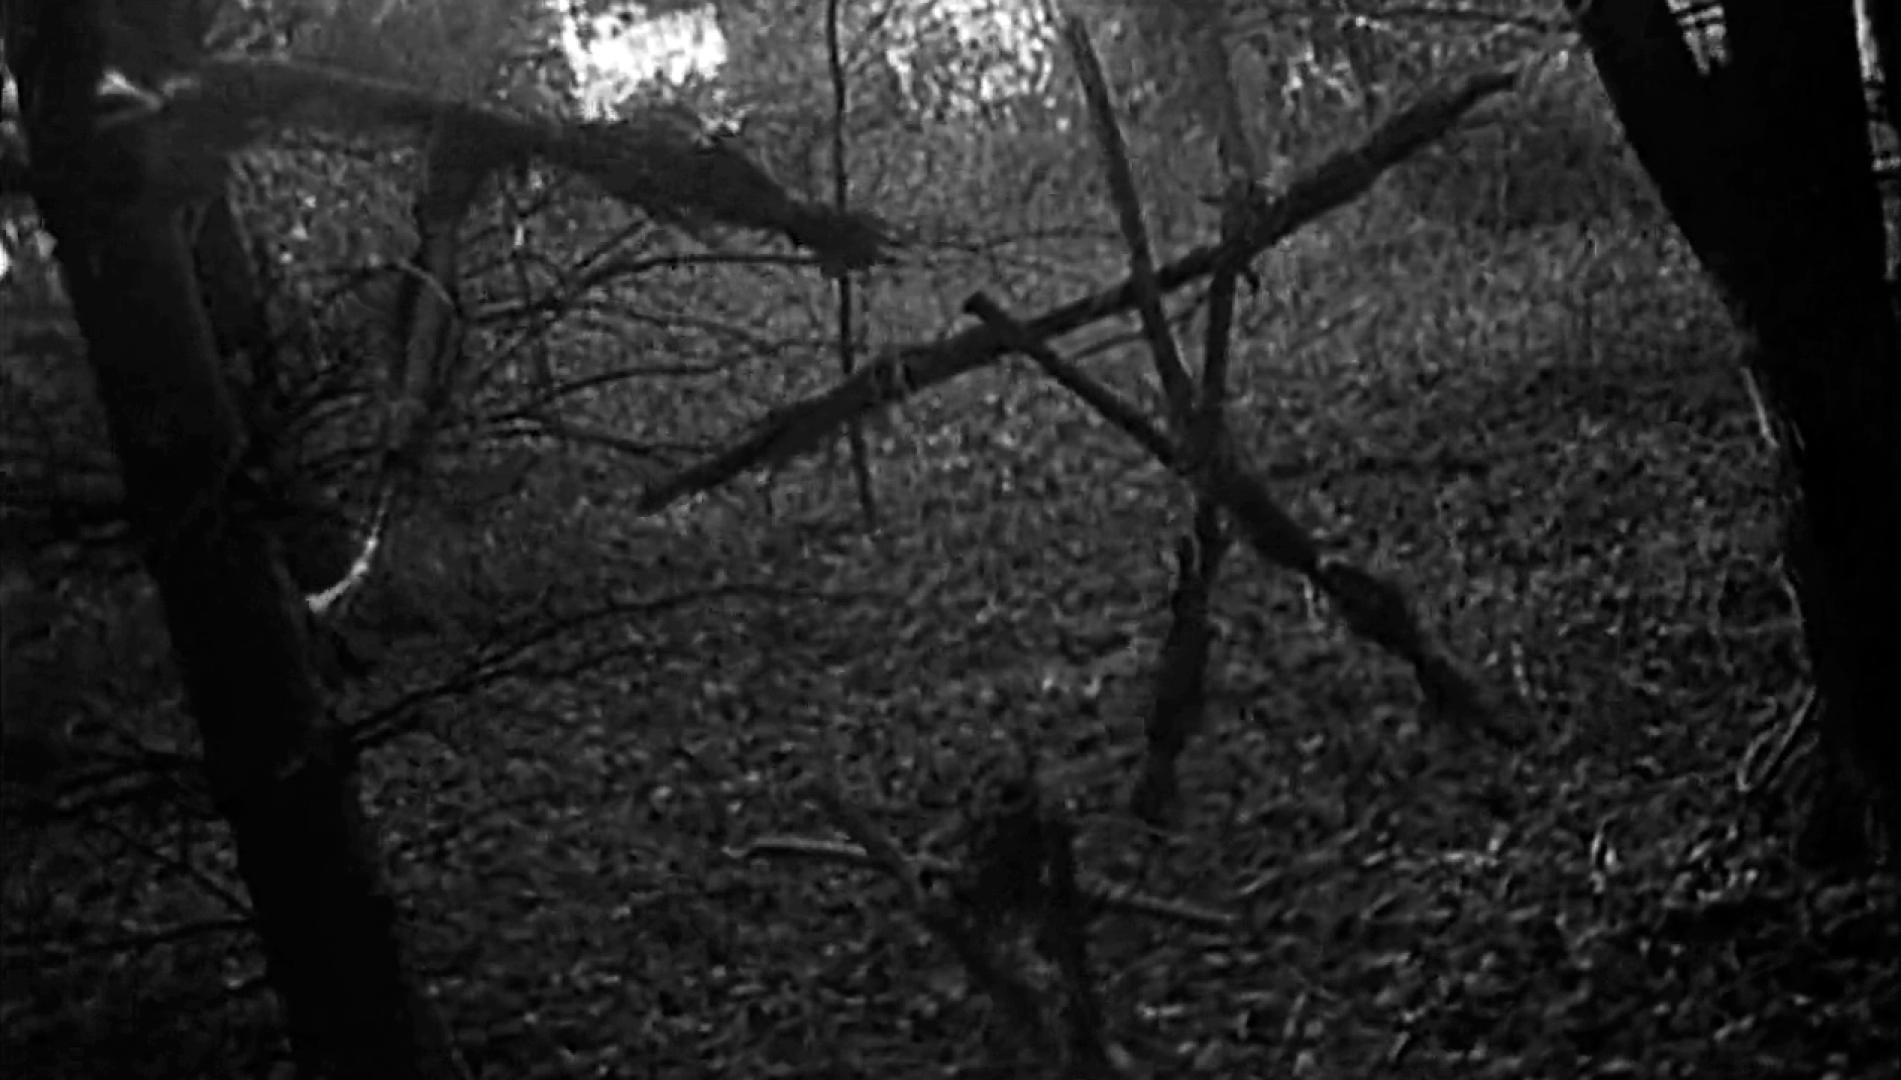 Ideglelés (1999)